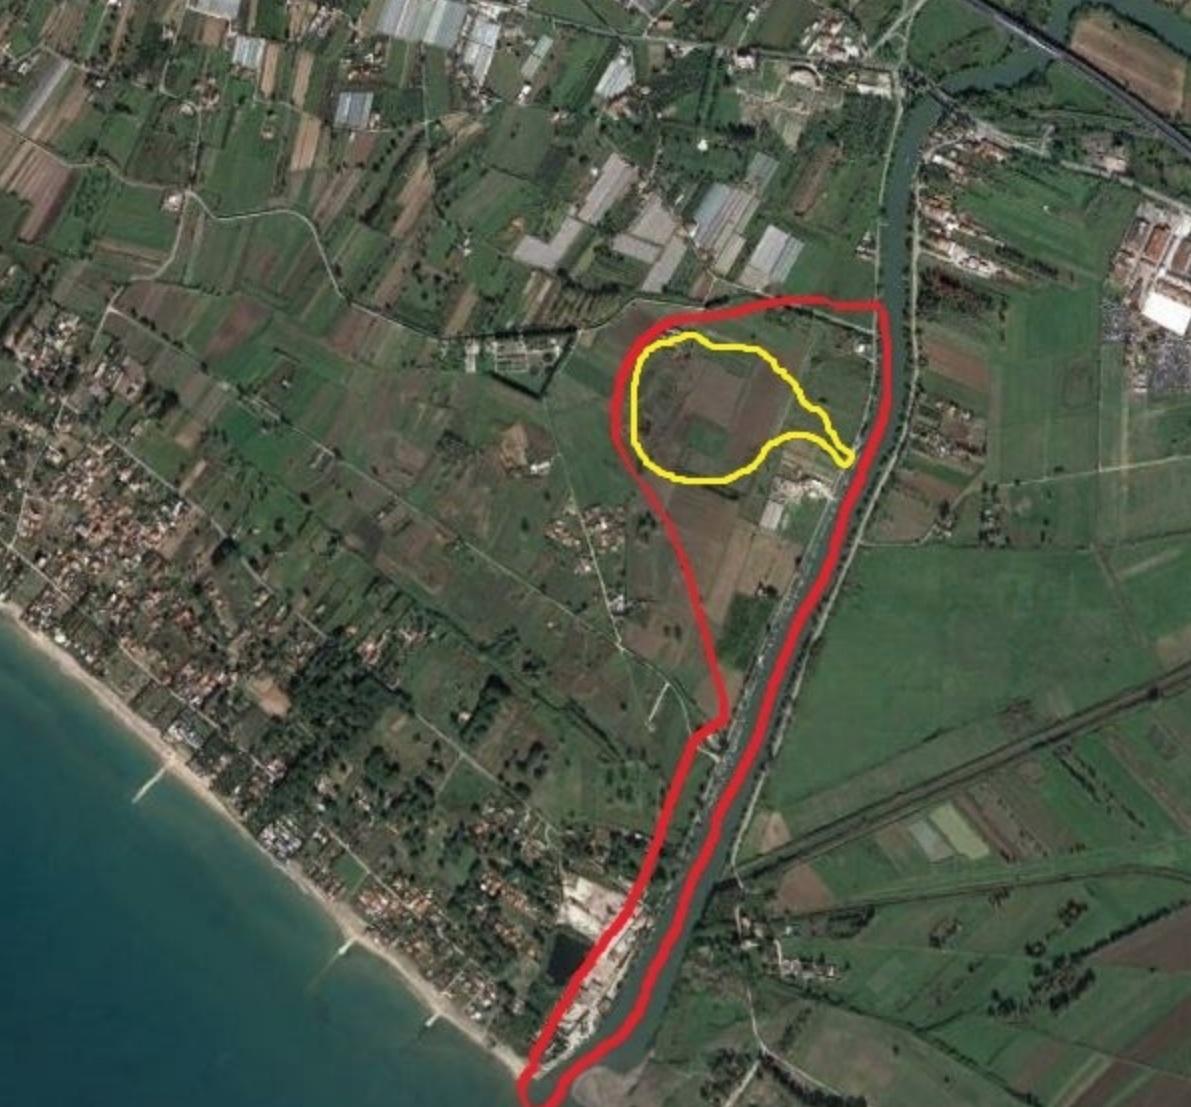 inquadramento territoriale dell'area in esame.